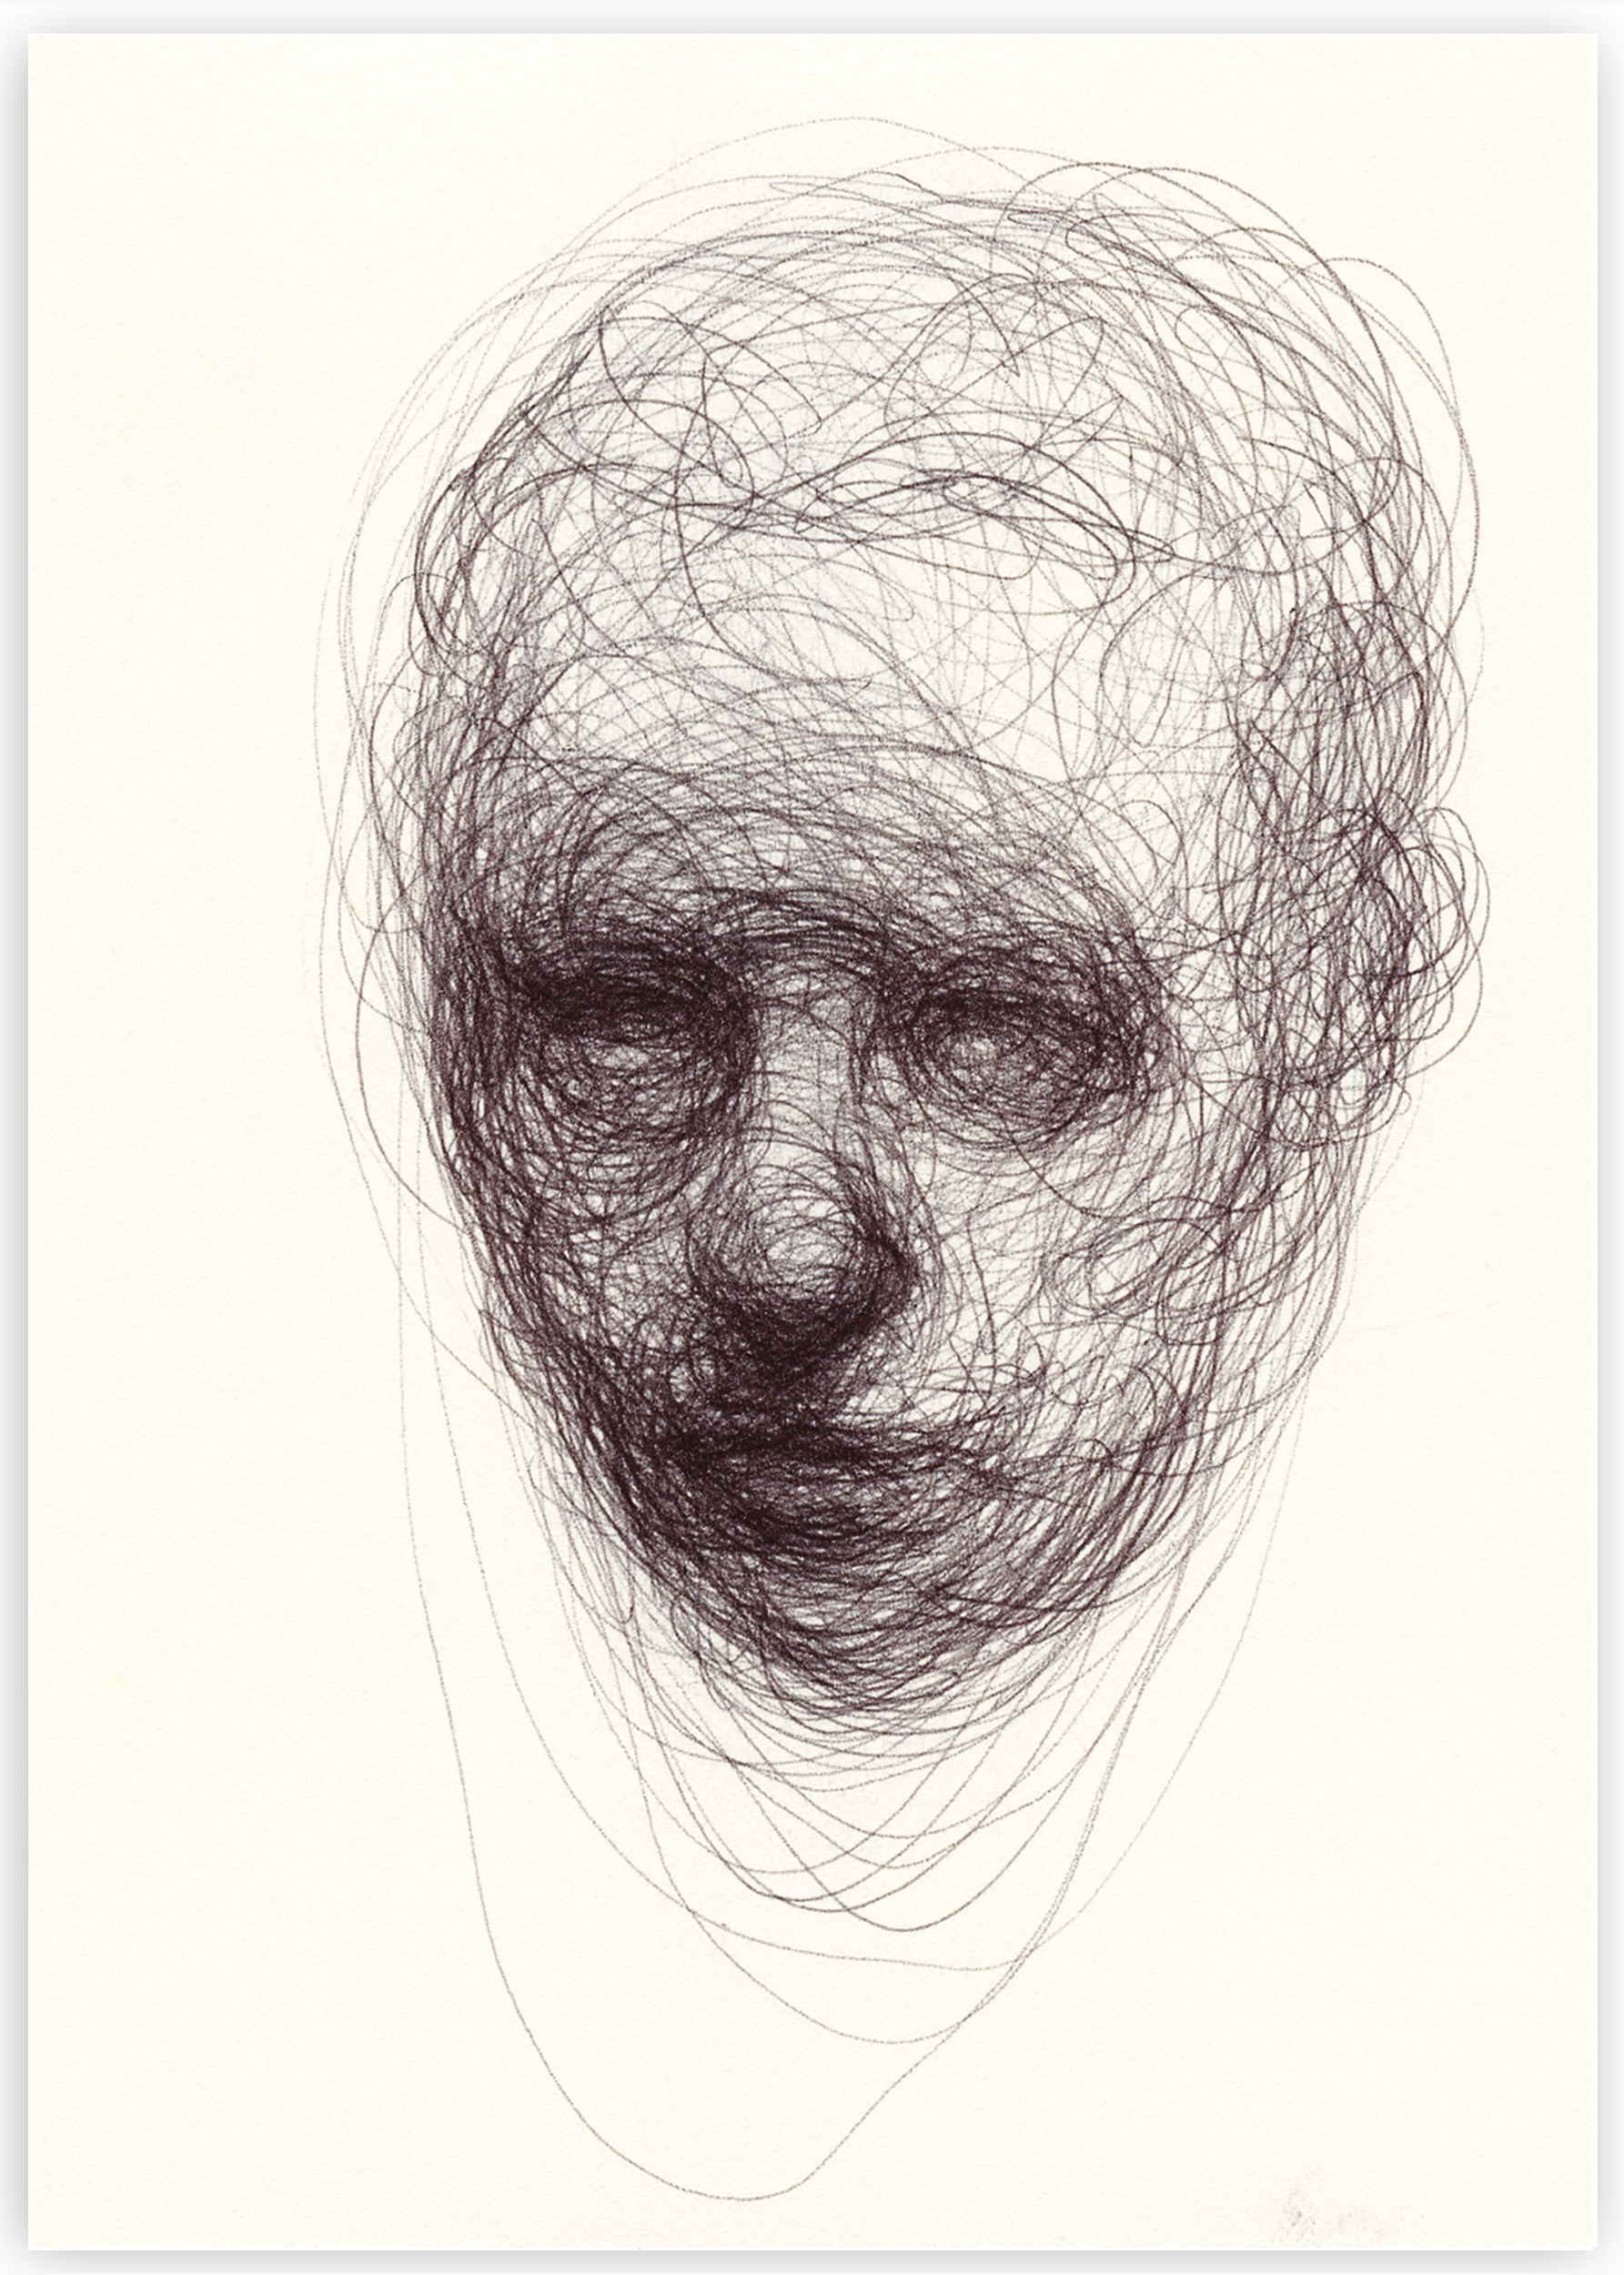 Untitled 2 outline.jpg